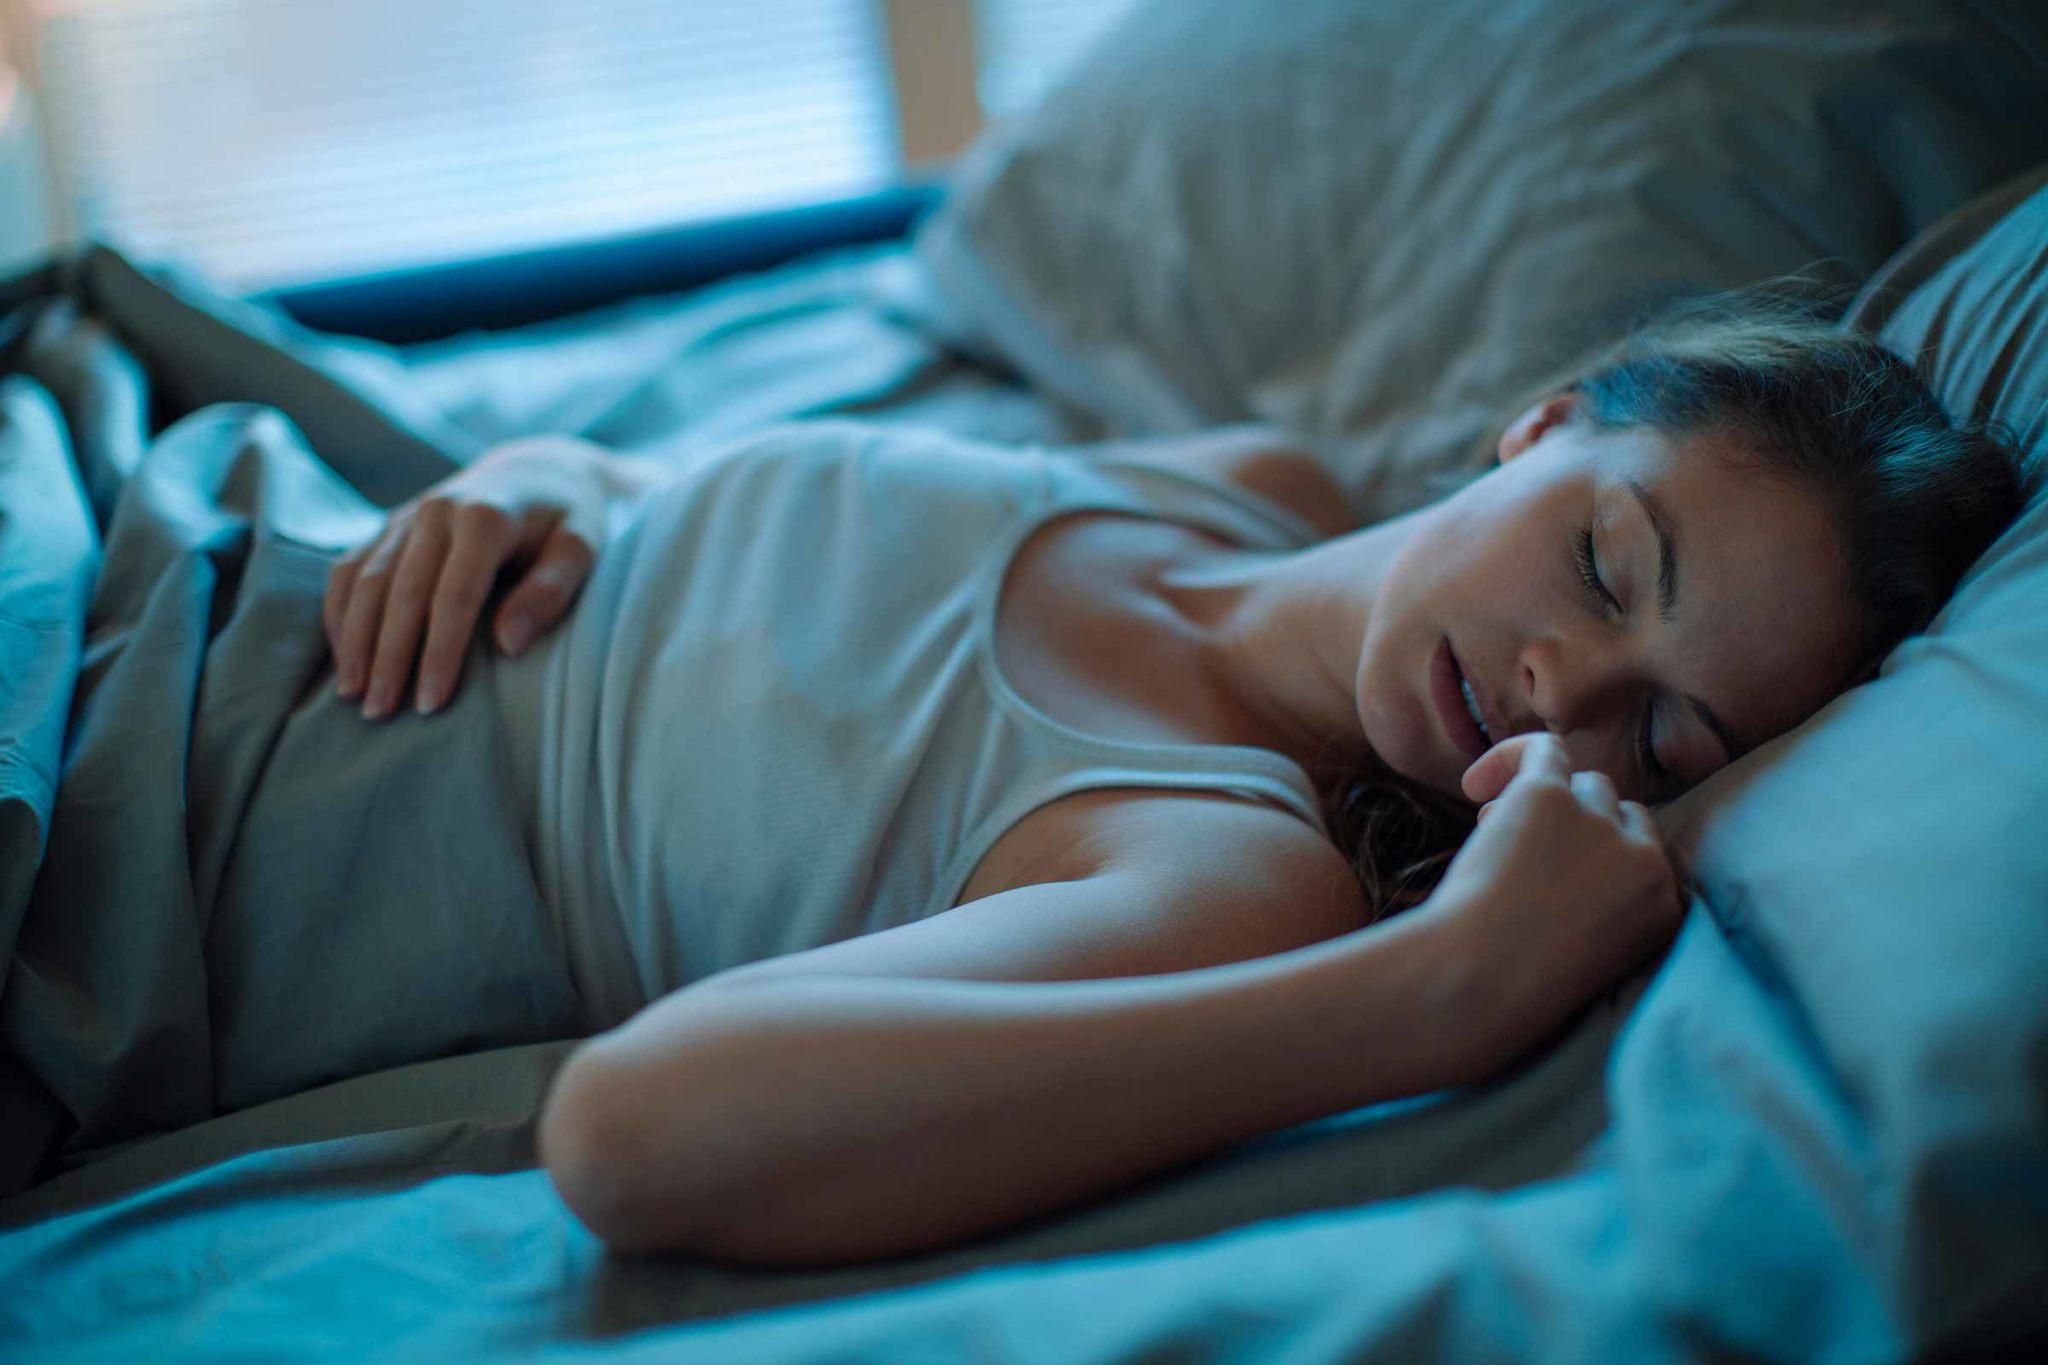 rahat uyku ışığı altında uyuyan kadın, rahat uyku